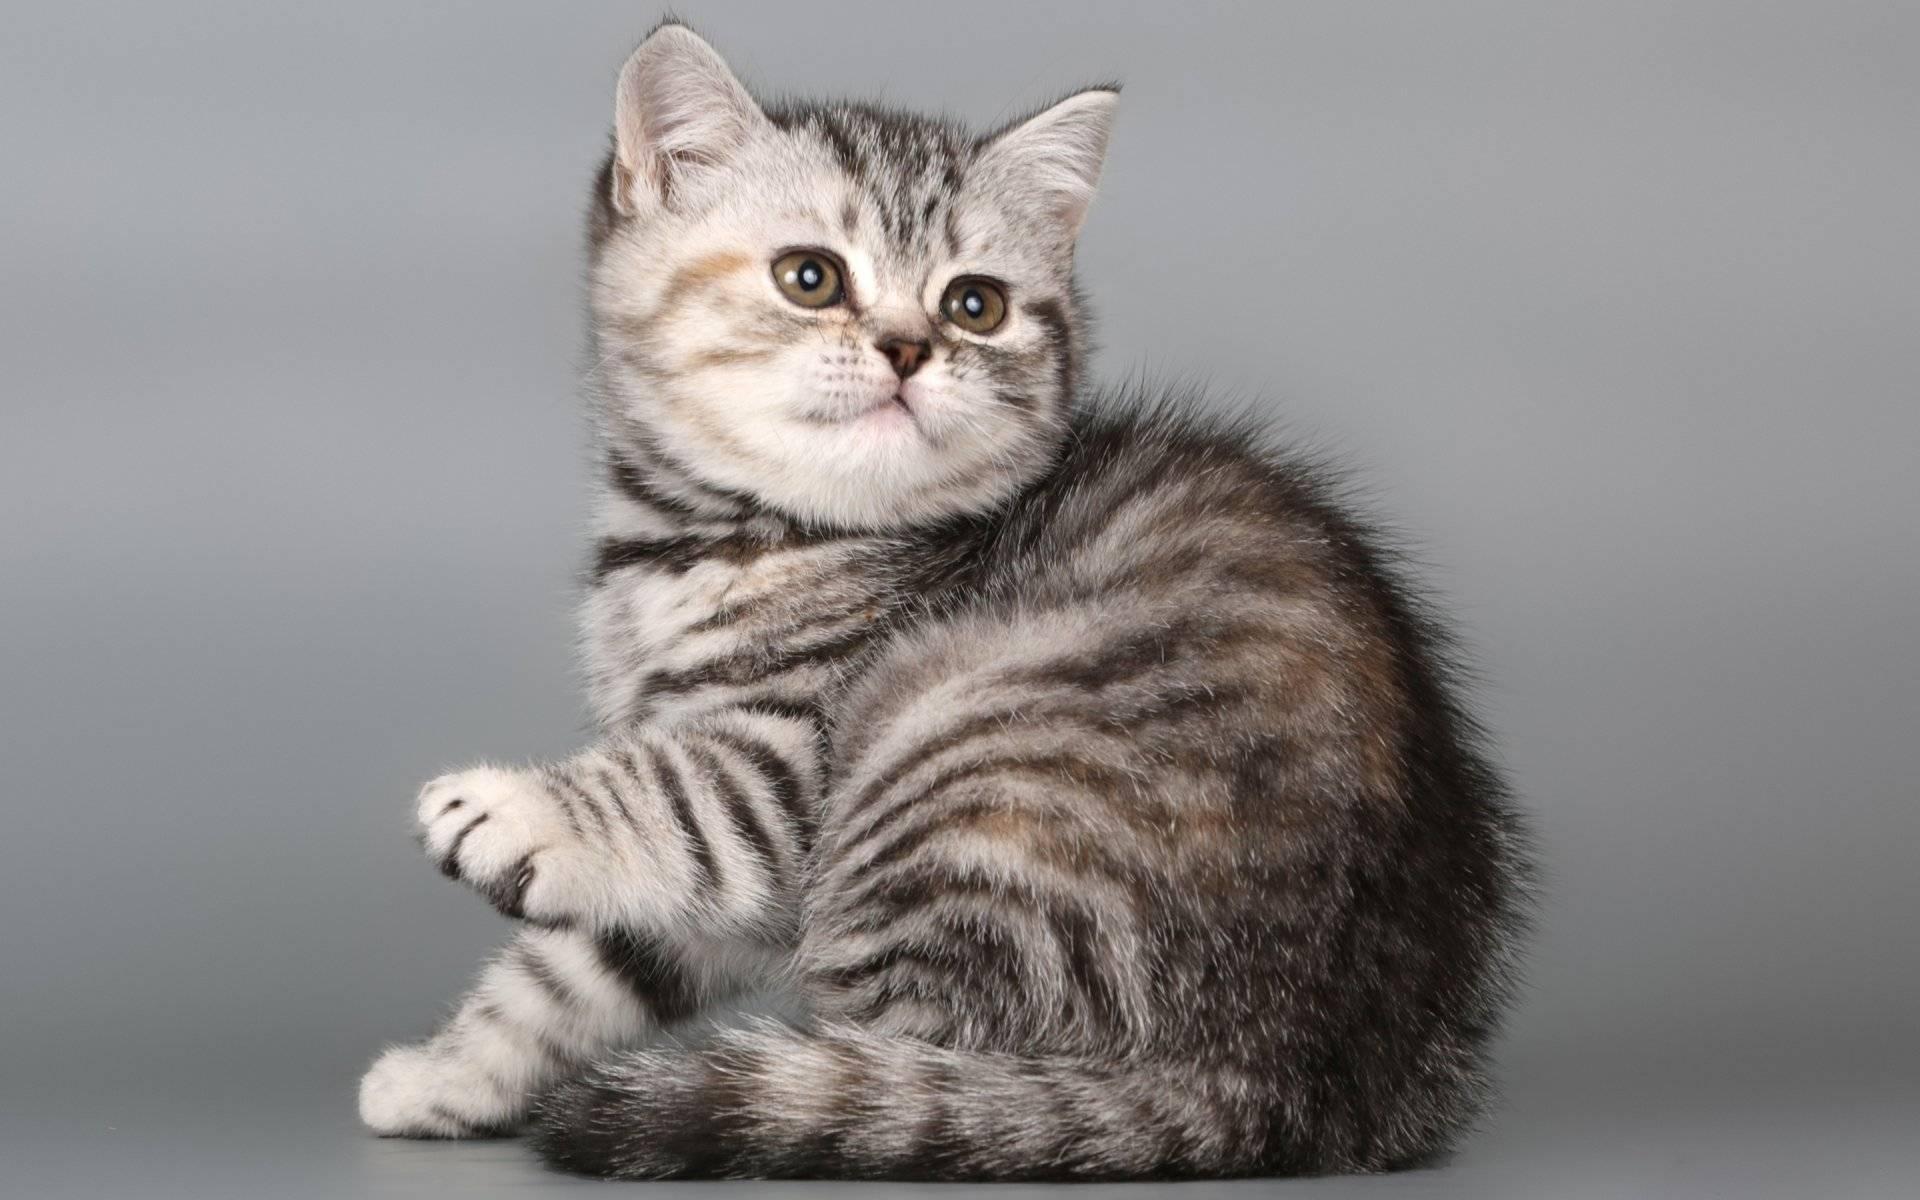 Что за порода кошки в рекламе вискас. порода кошек из рекламы «вискас. история успеха сердитой кошки